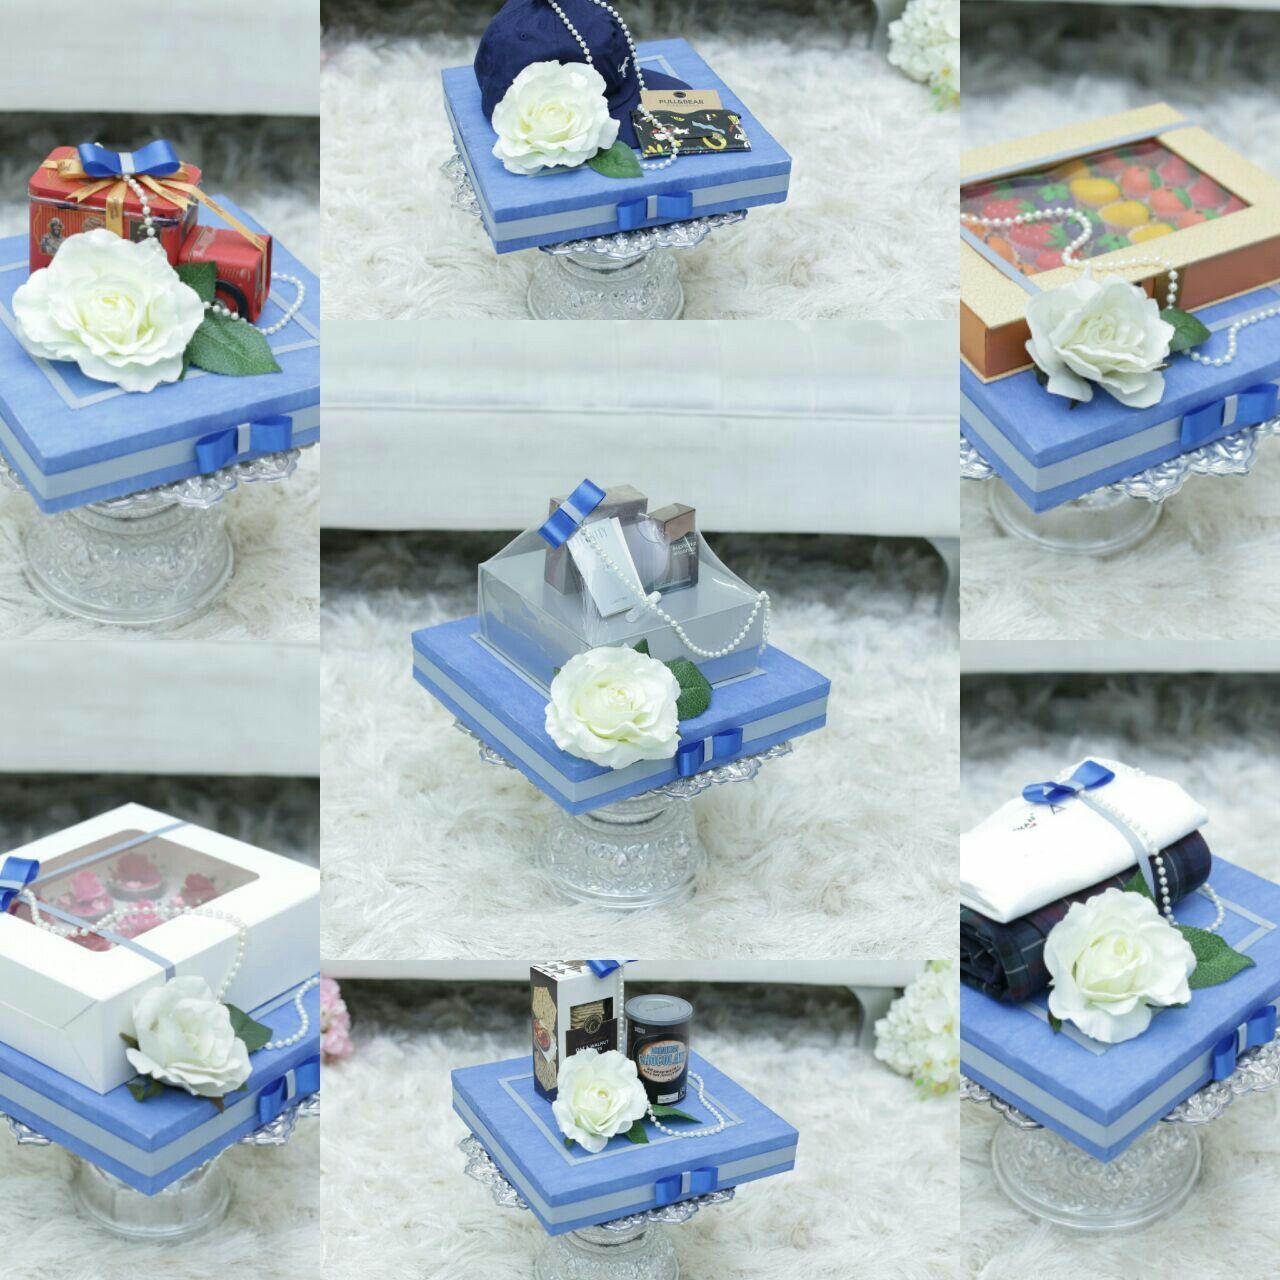 Malay Wedding Gifts: Pin By Ayam To Get To See Shah On Hantaran